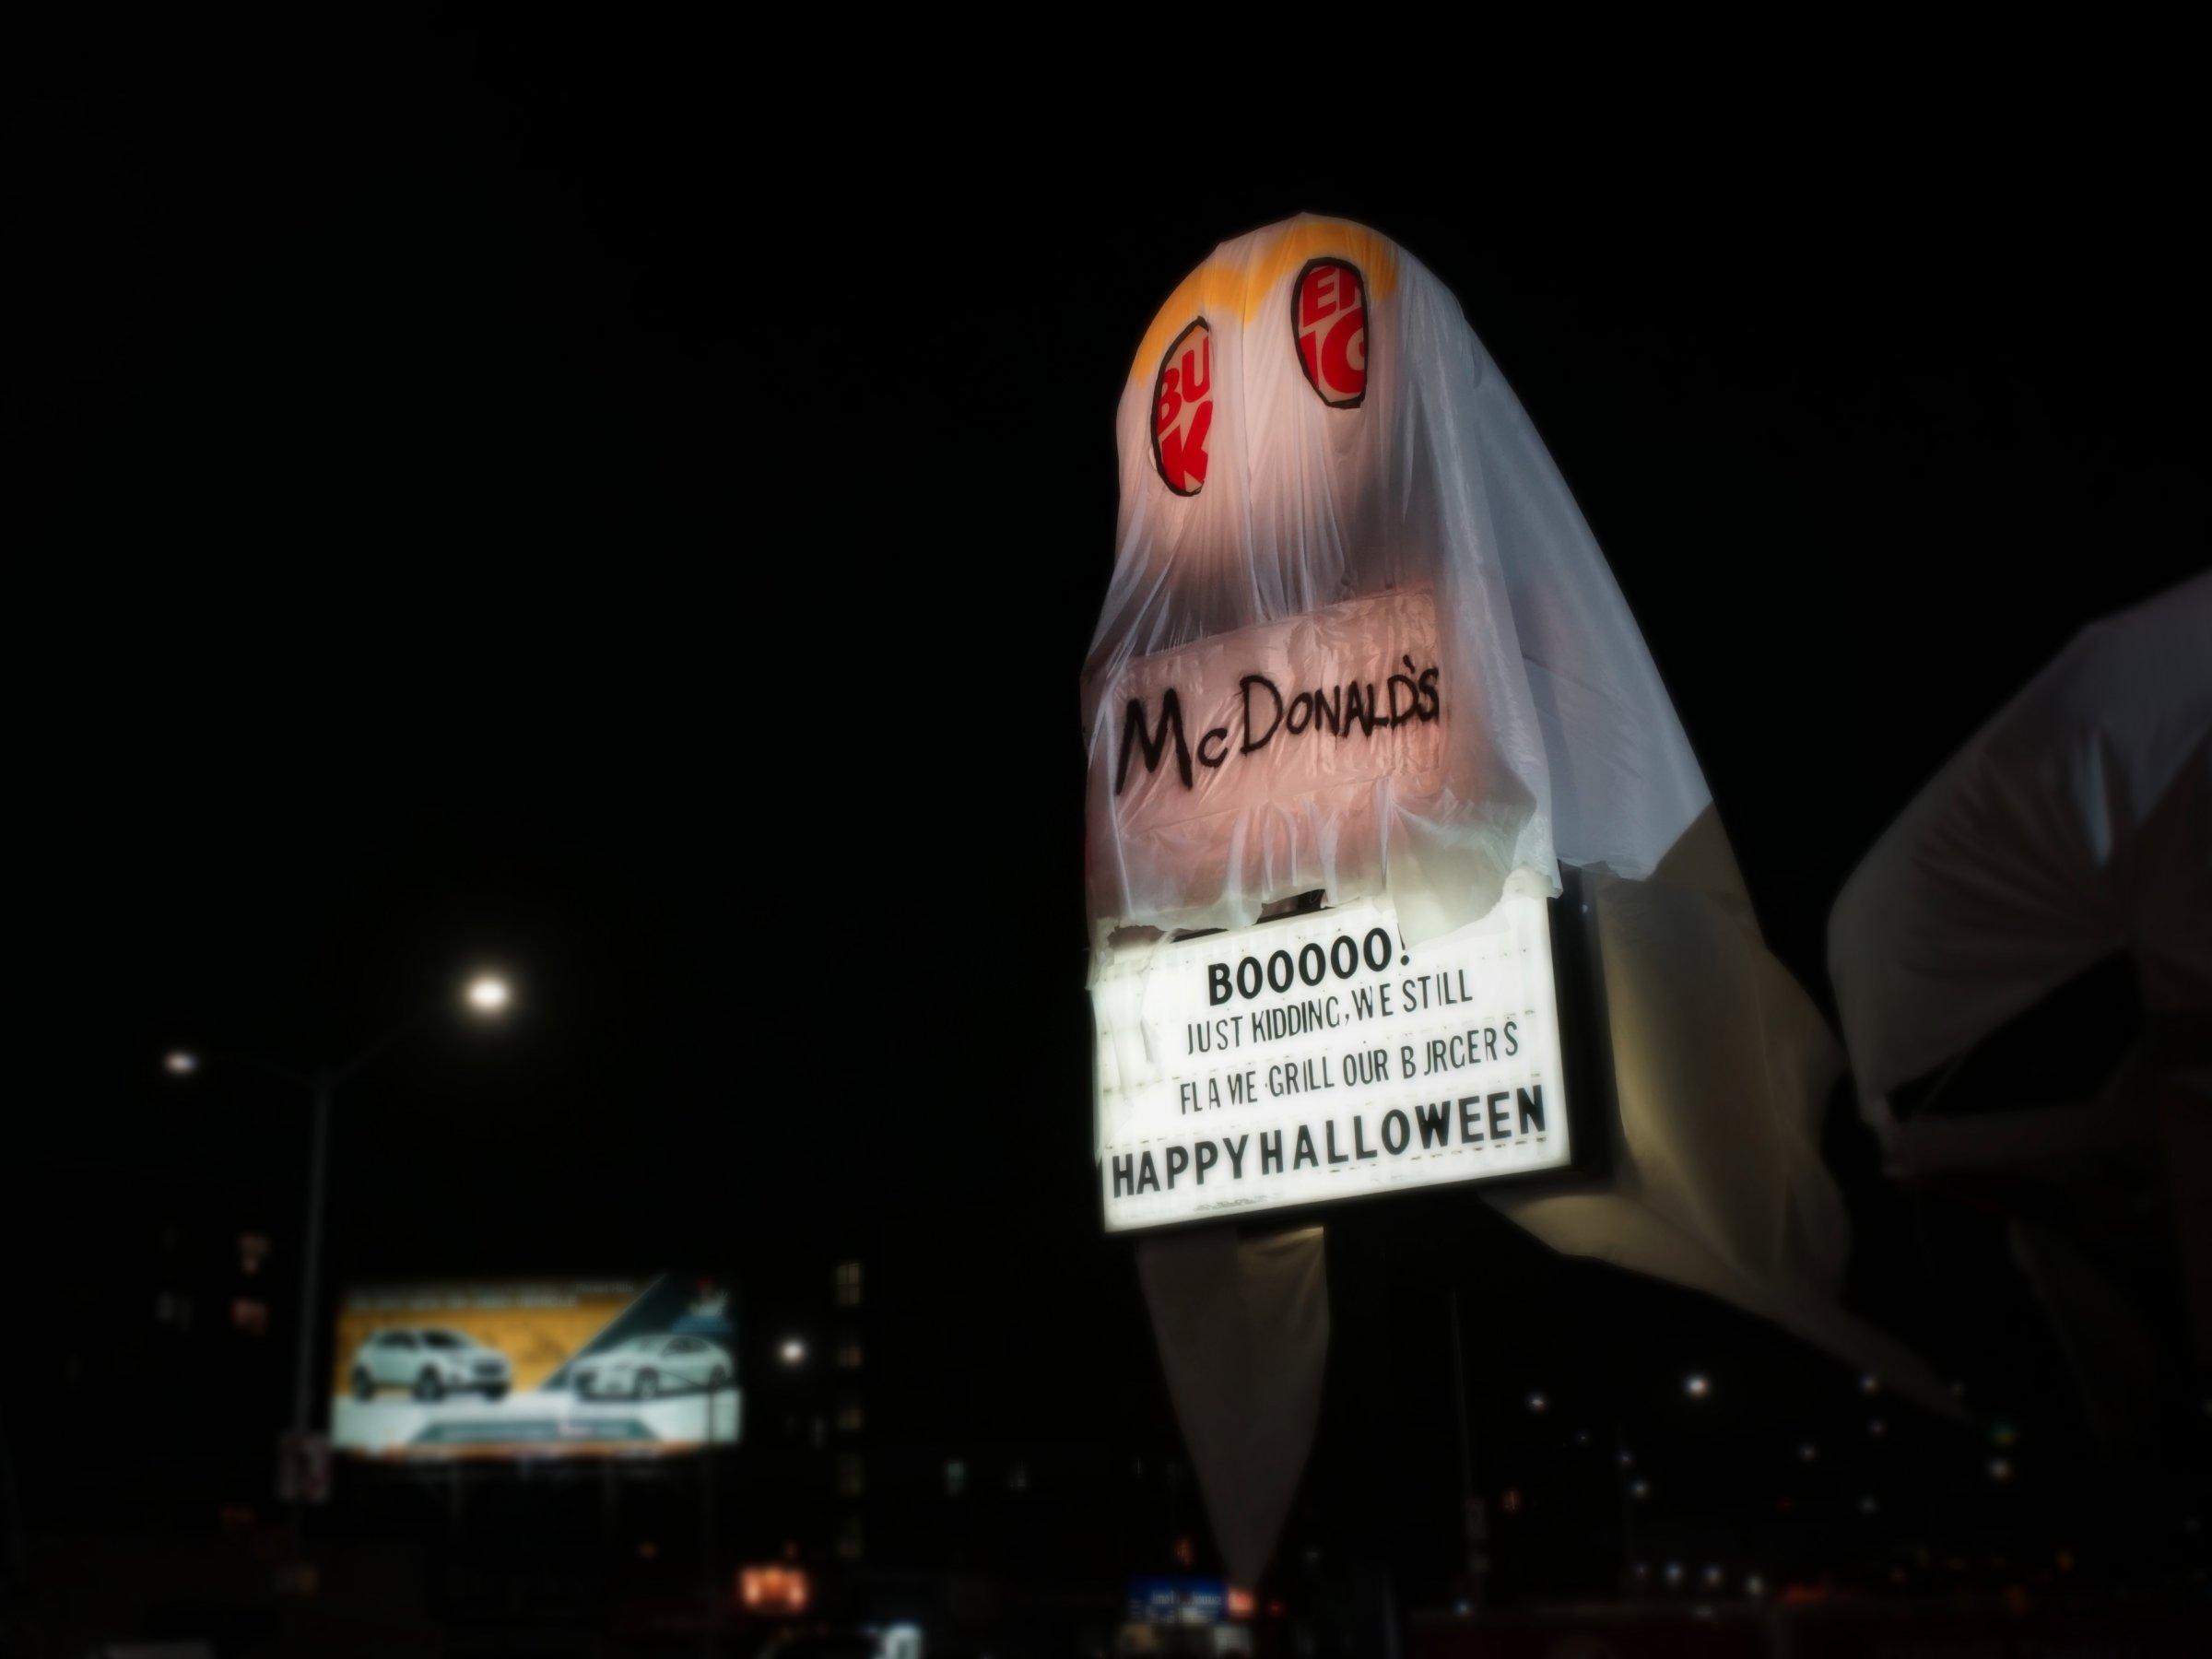 deguisement-mcdonalds-halloween-burger-king-4